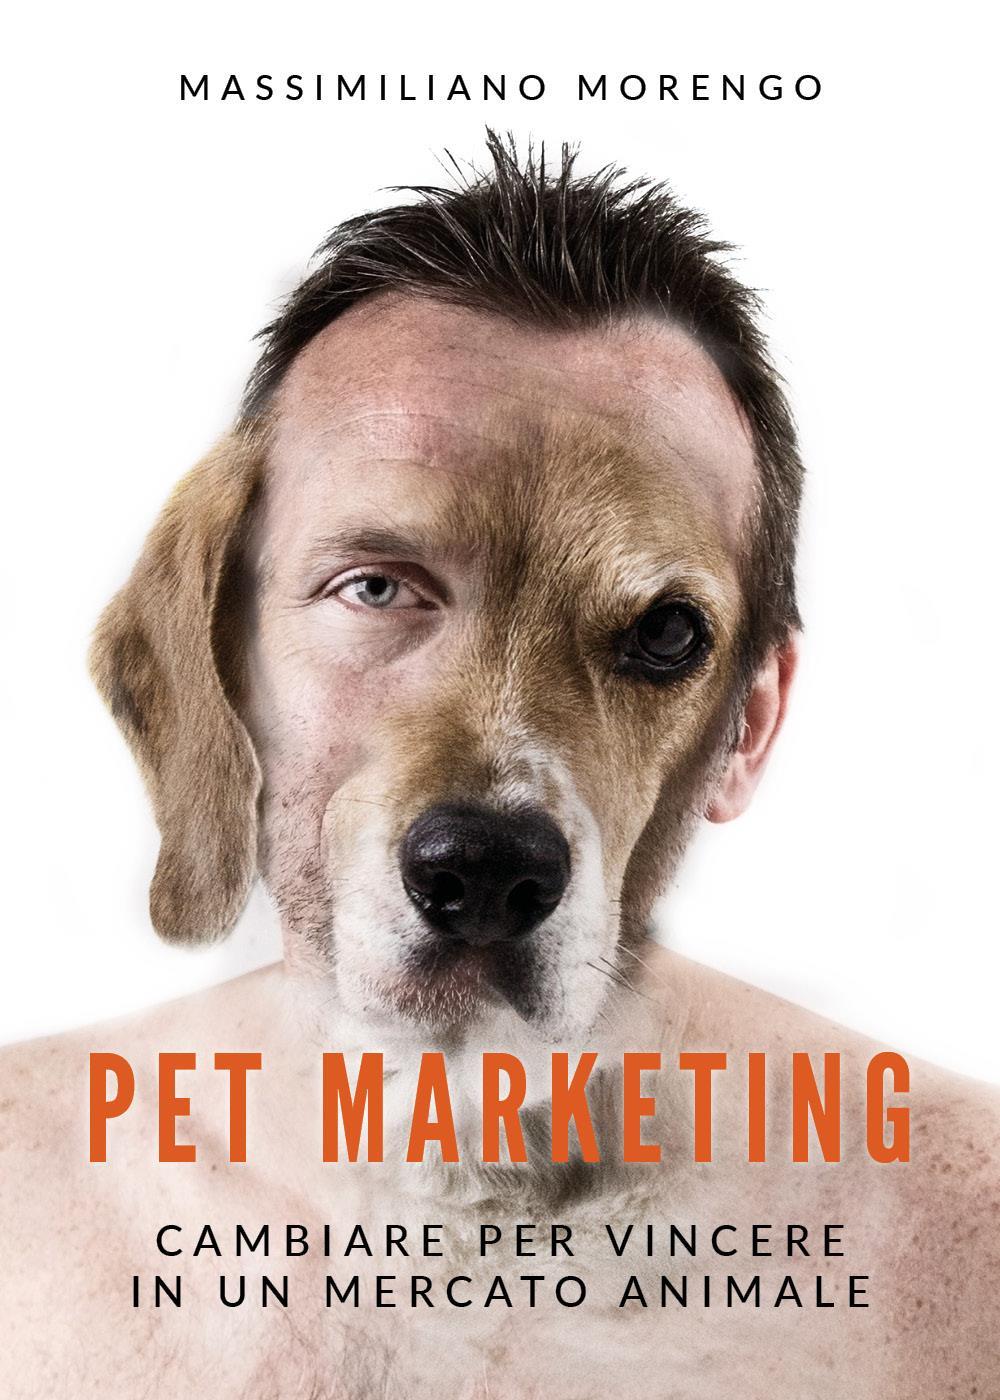 Pet Marketing. Cambiare per vincere in un mercato animale